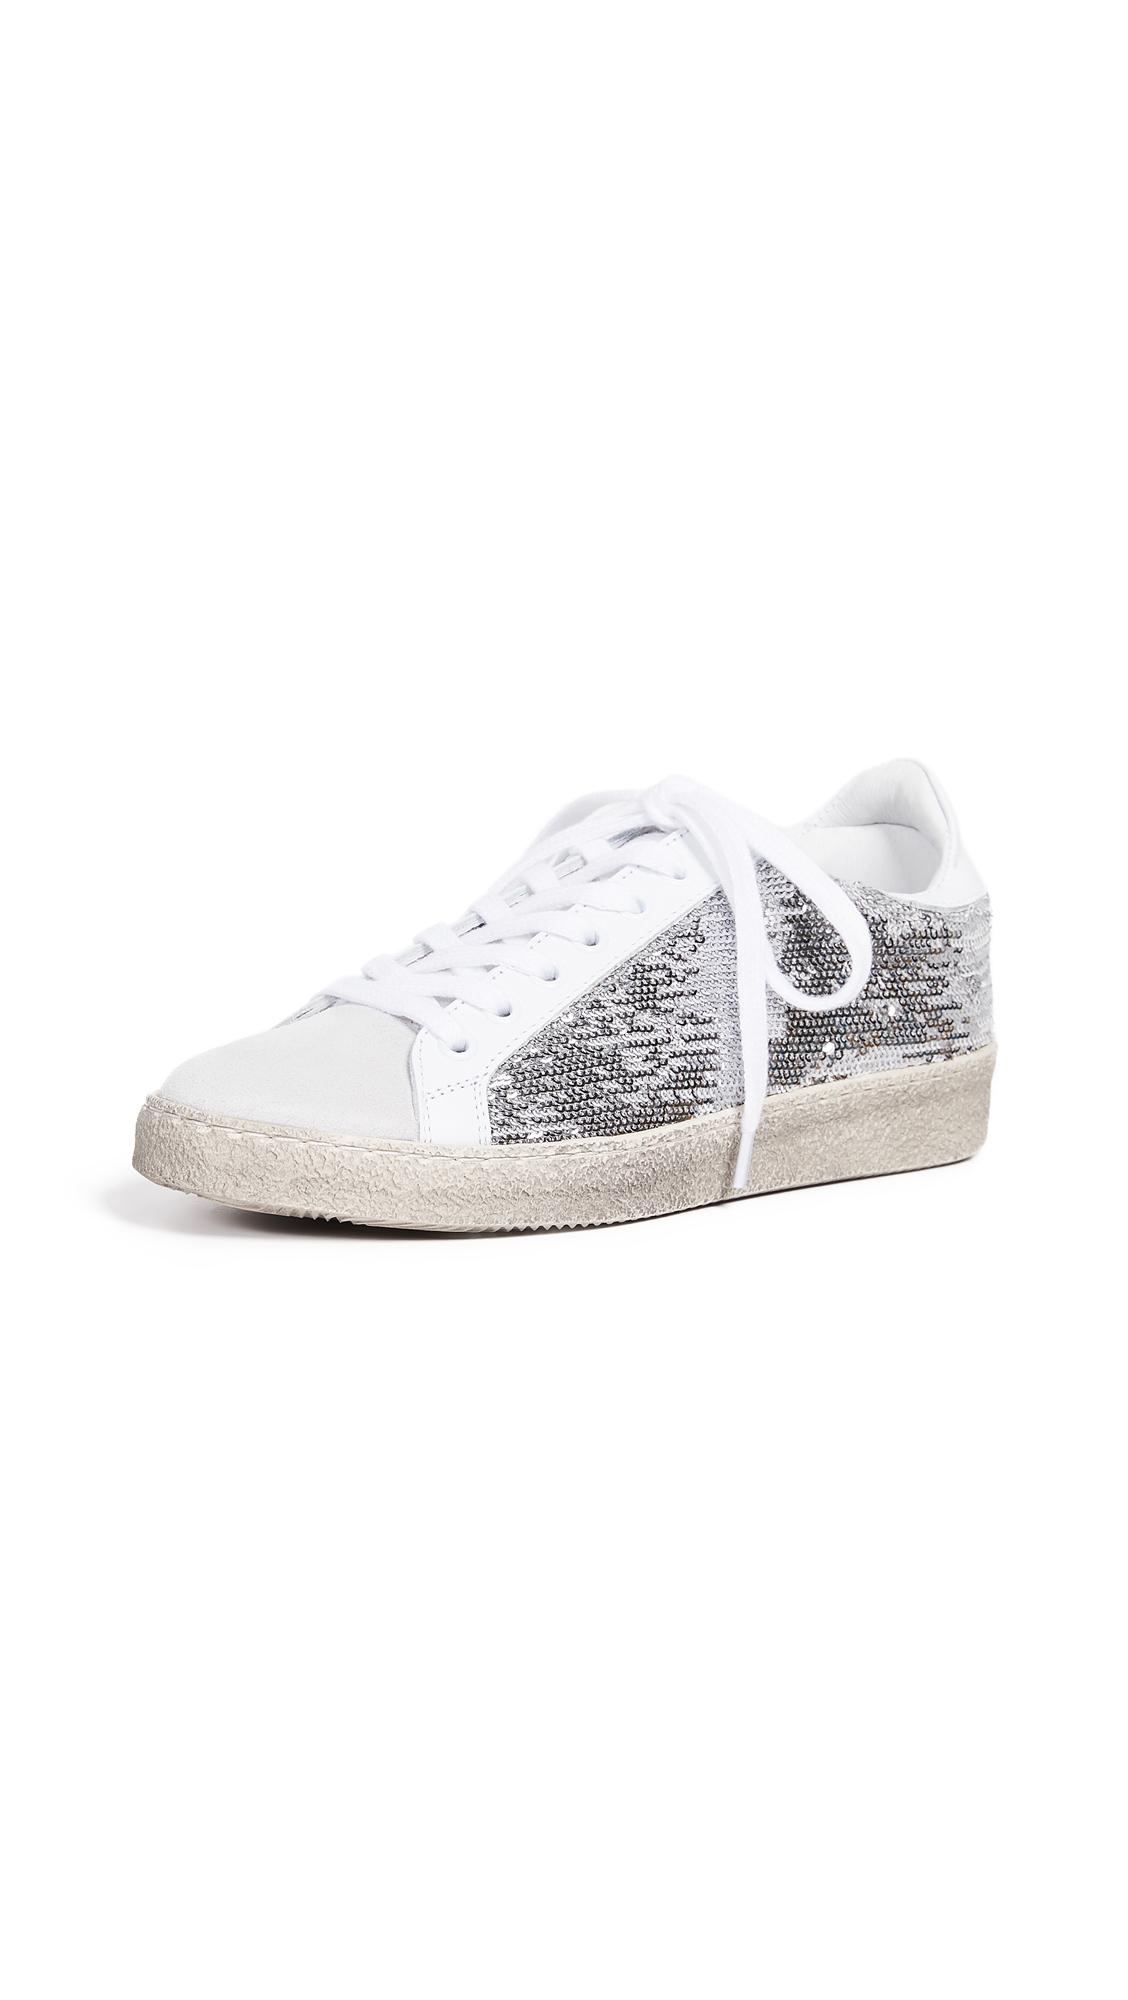 IRO Barthy Sneakers - Silver